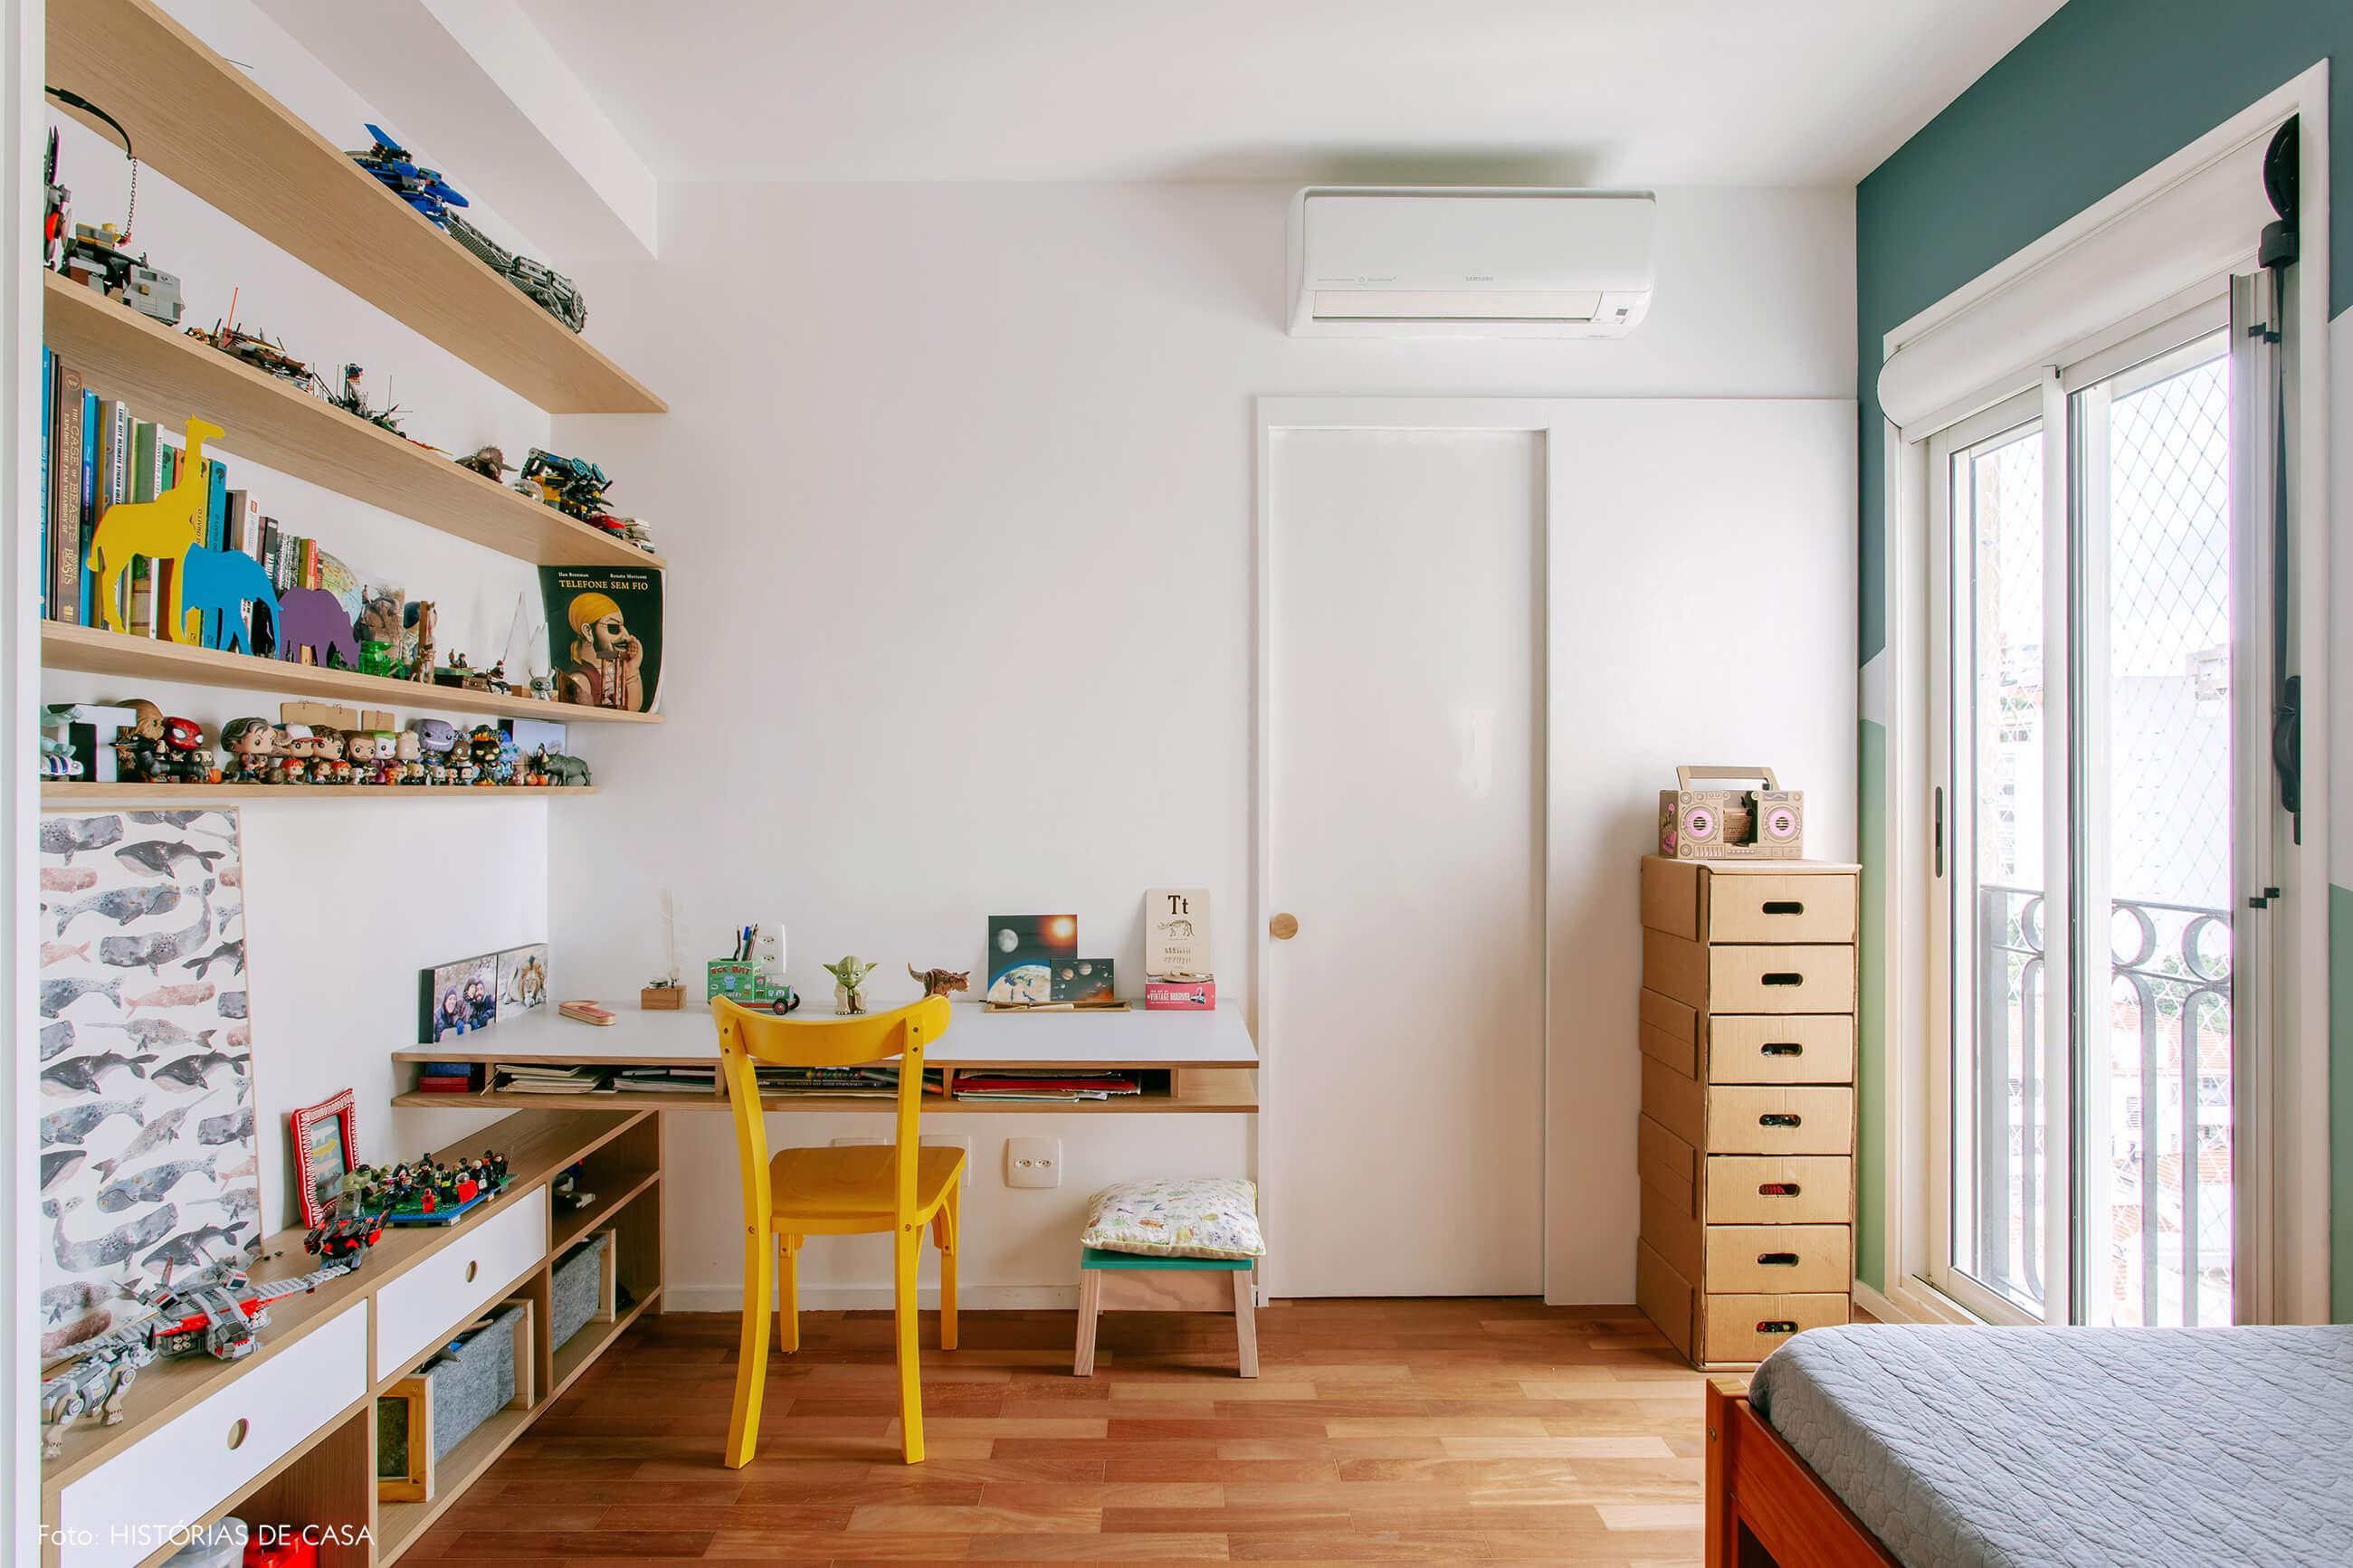 Quarto de criança com escrivaninha e pintura colorida